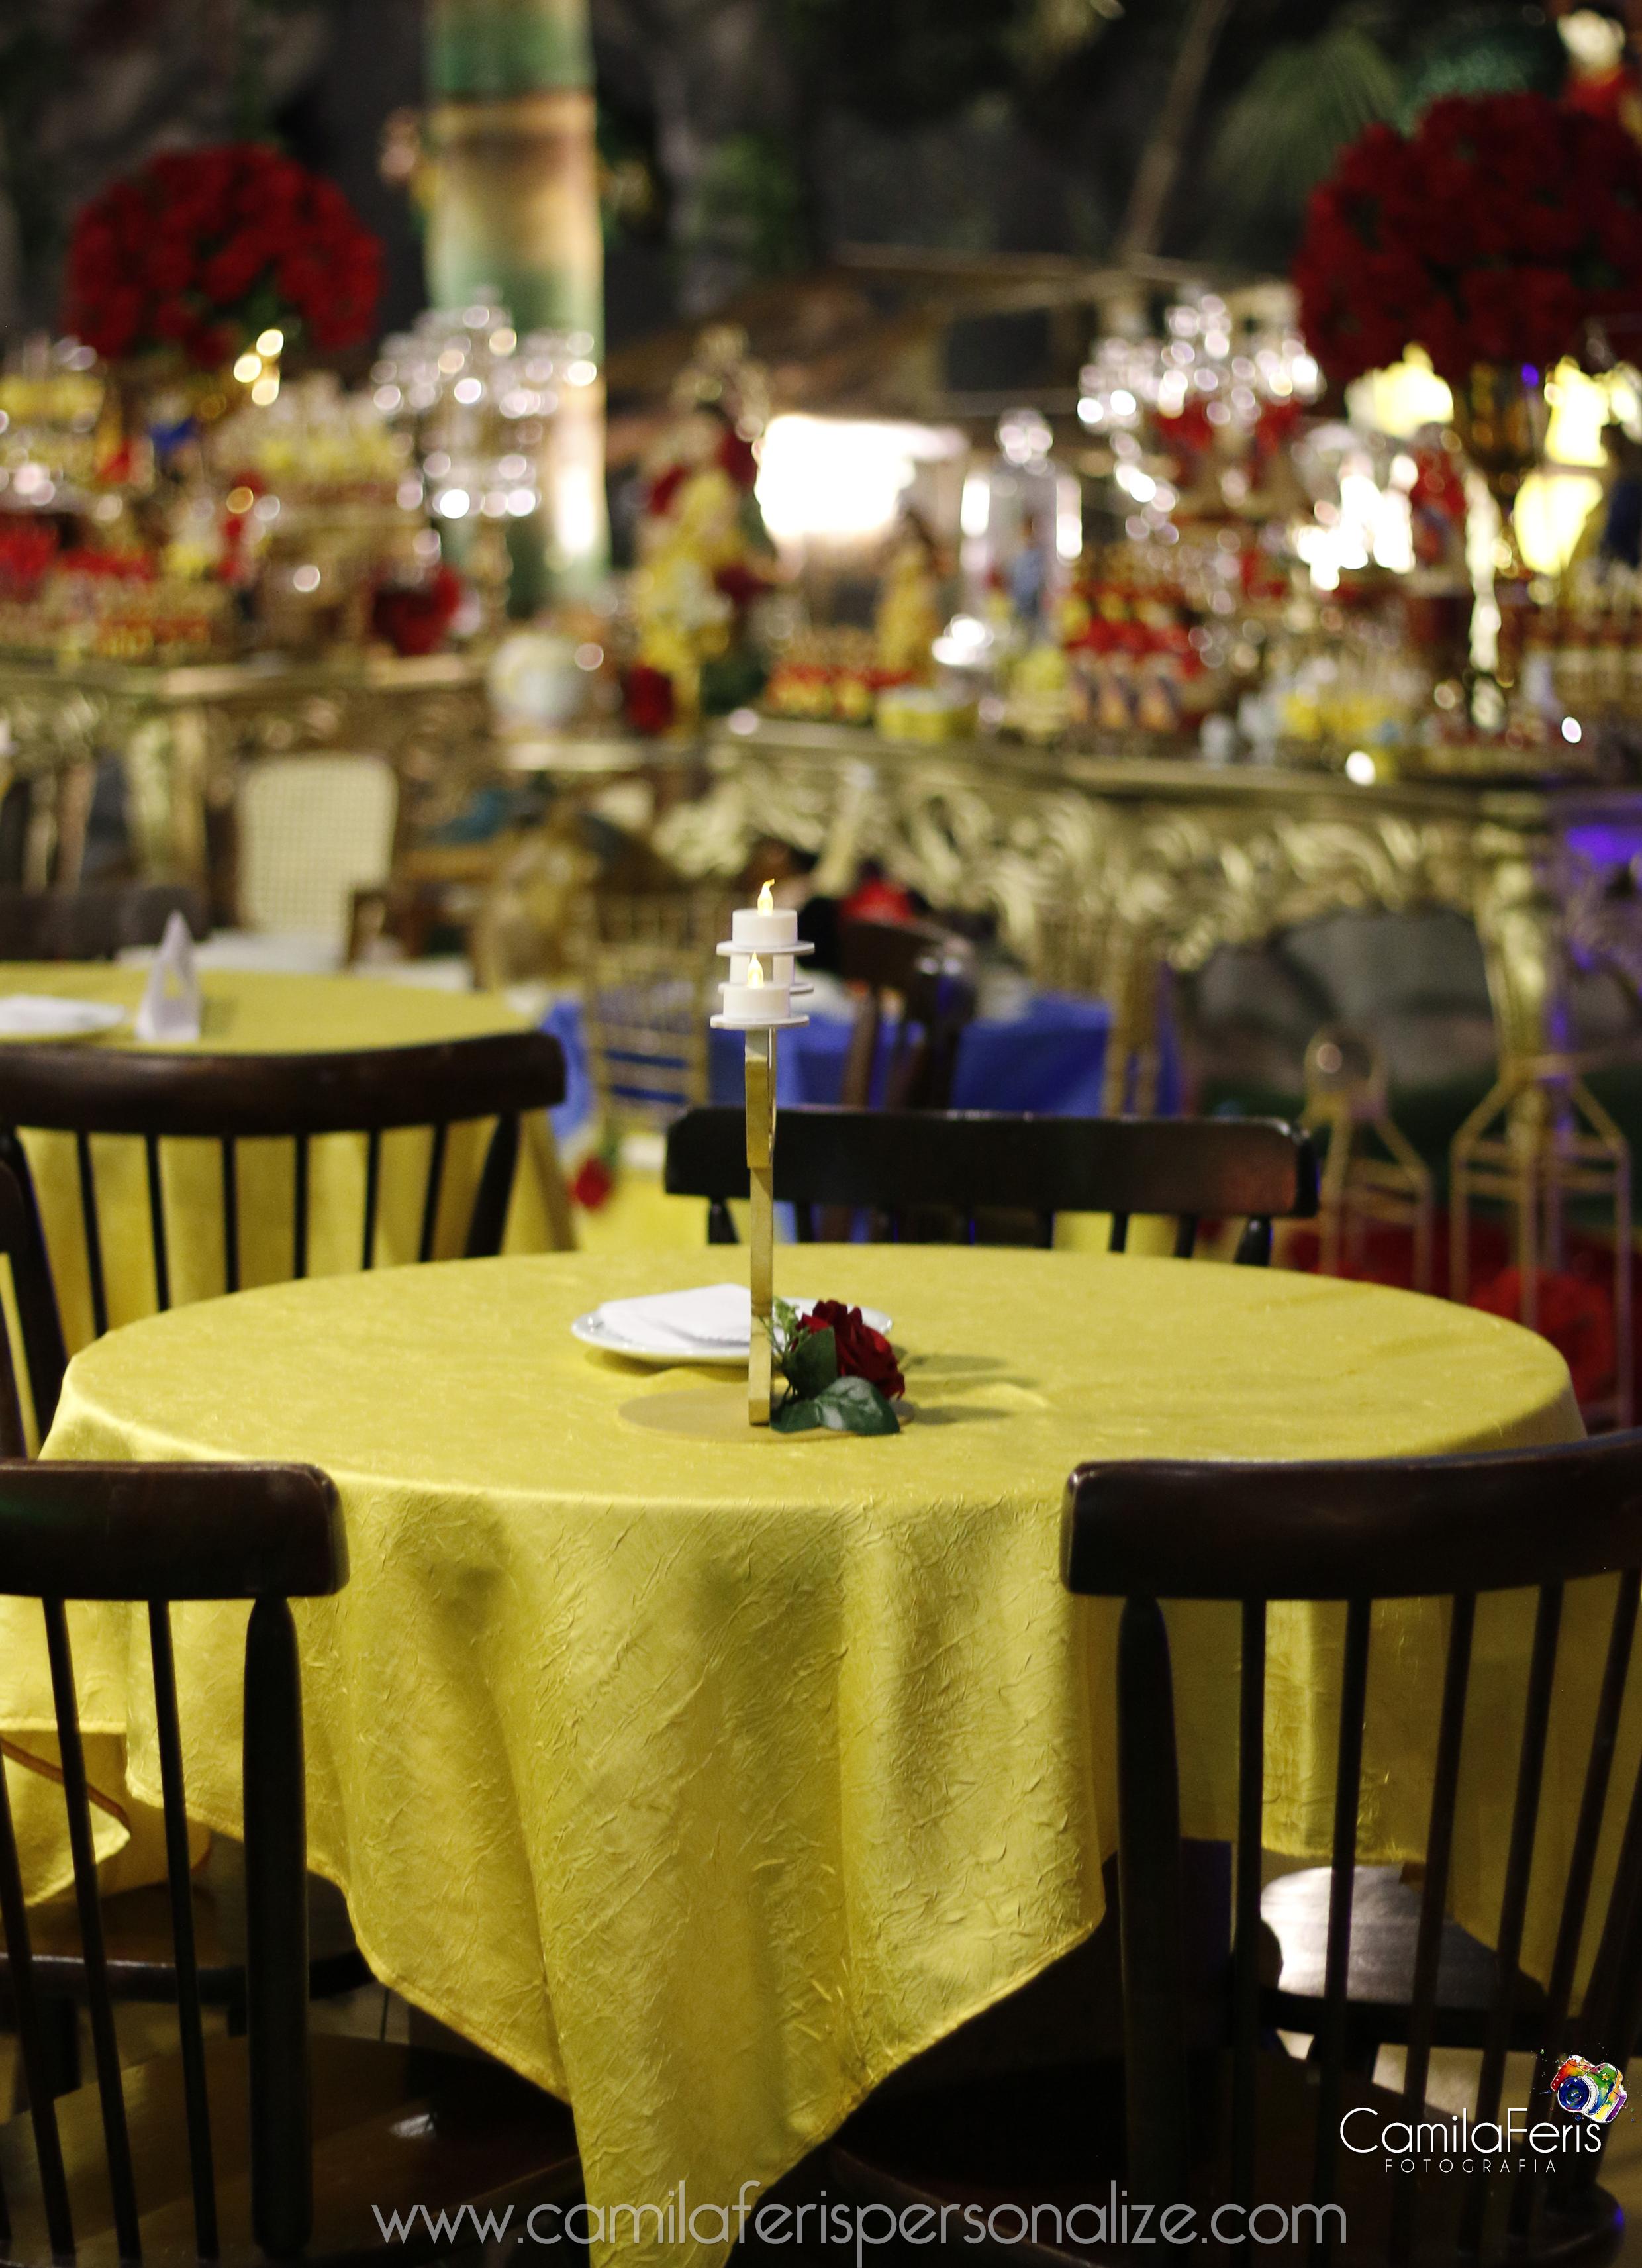 buffet kumbaya festa bela e a fera.jpg